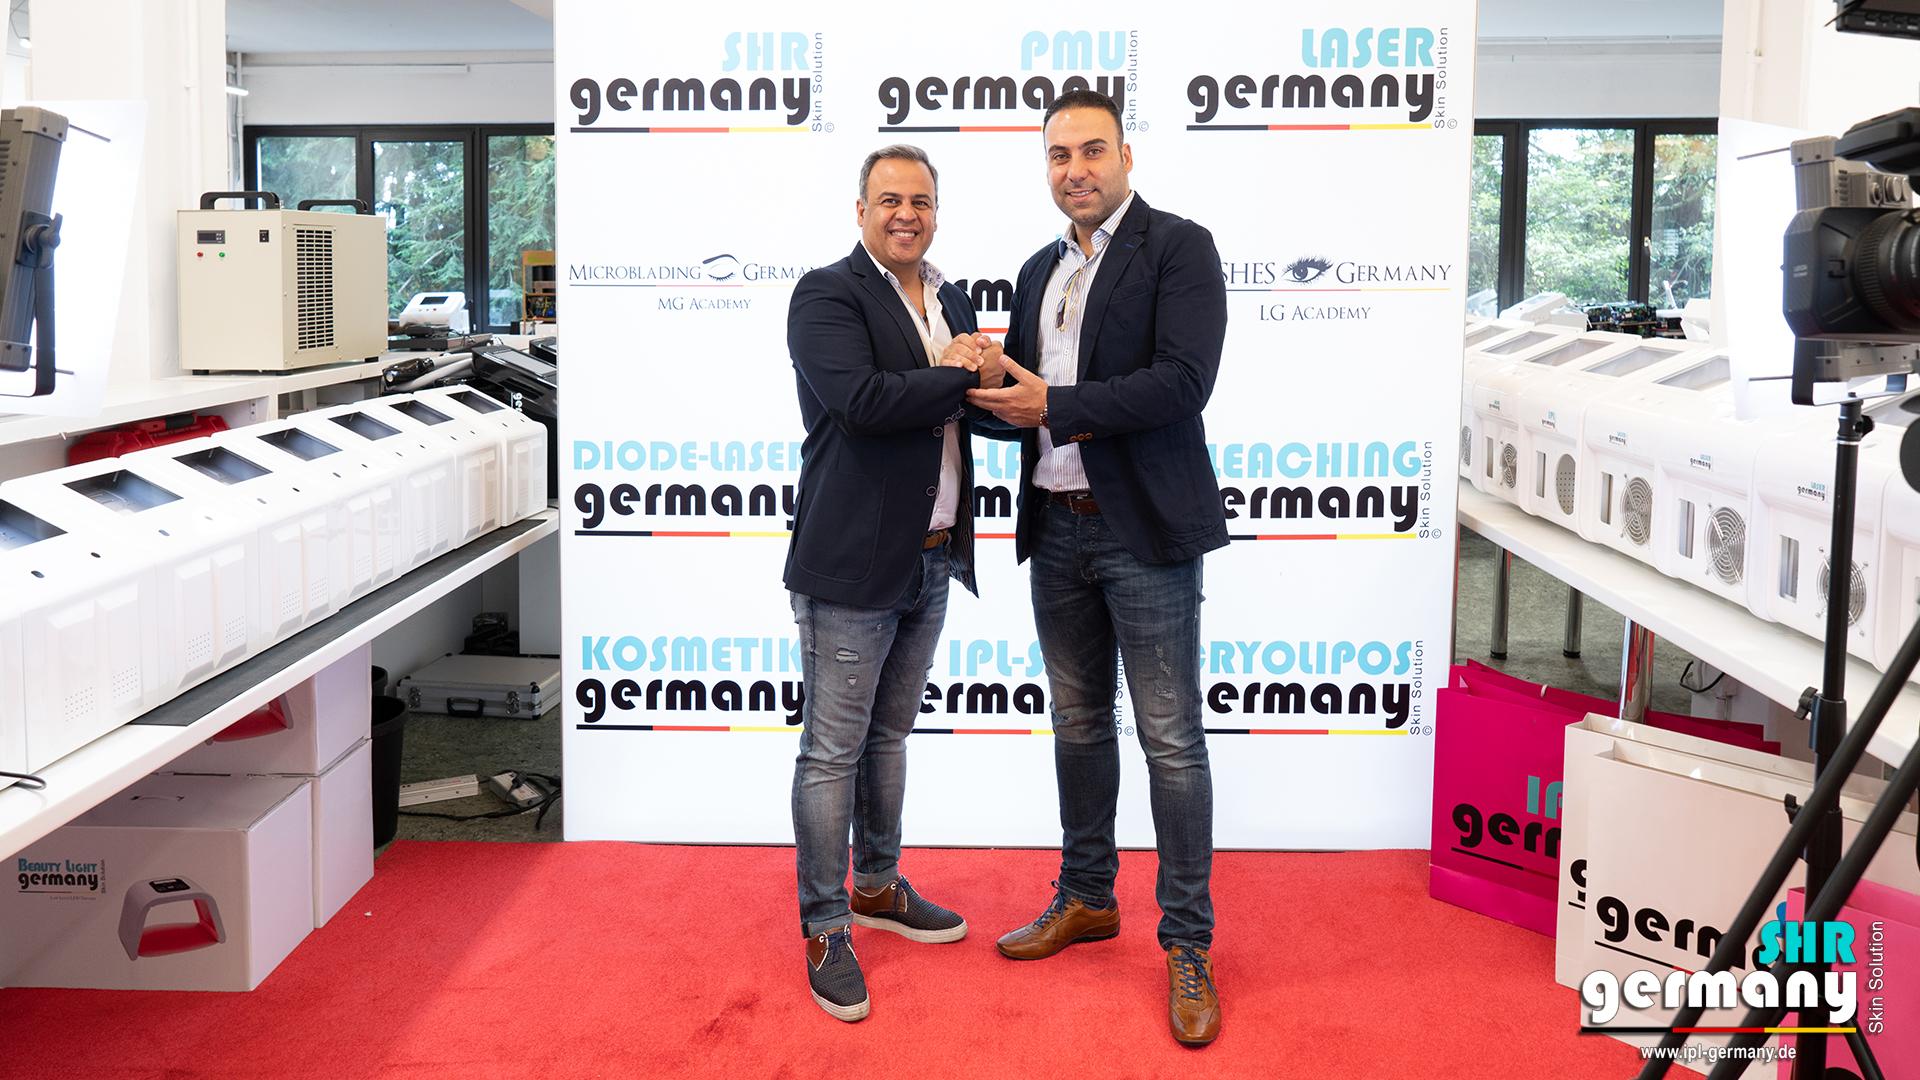 SHR_Germany_2018_Semi_IPL_SHR_18